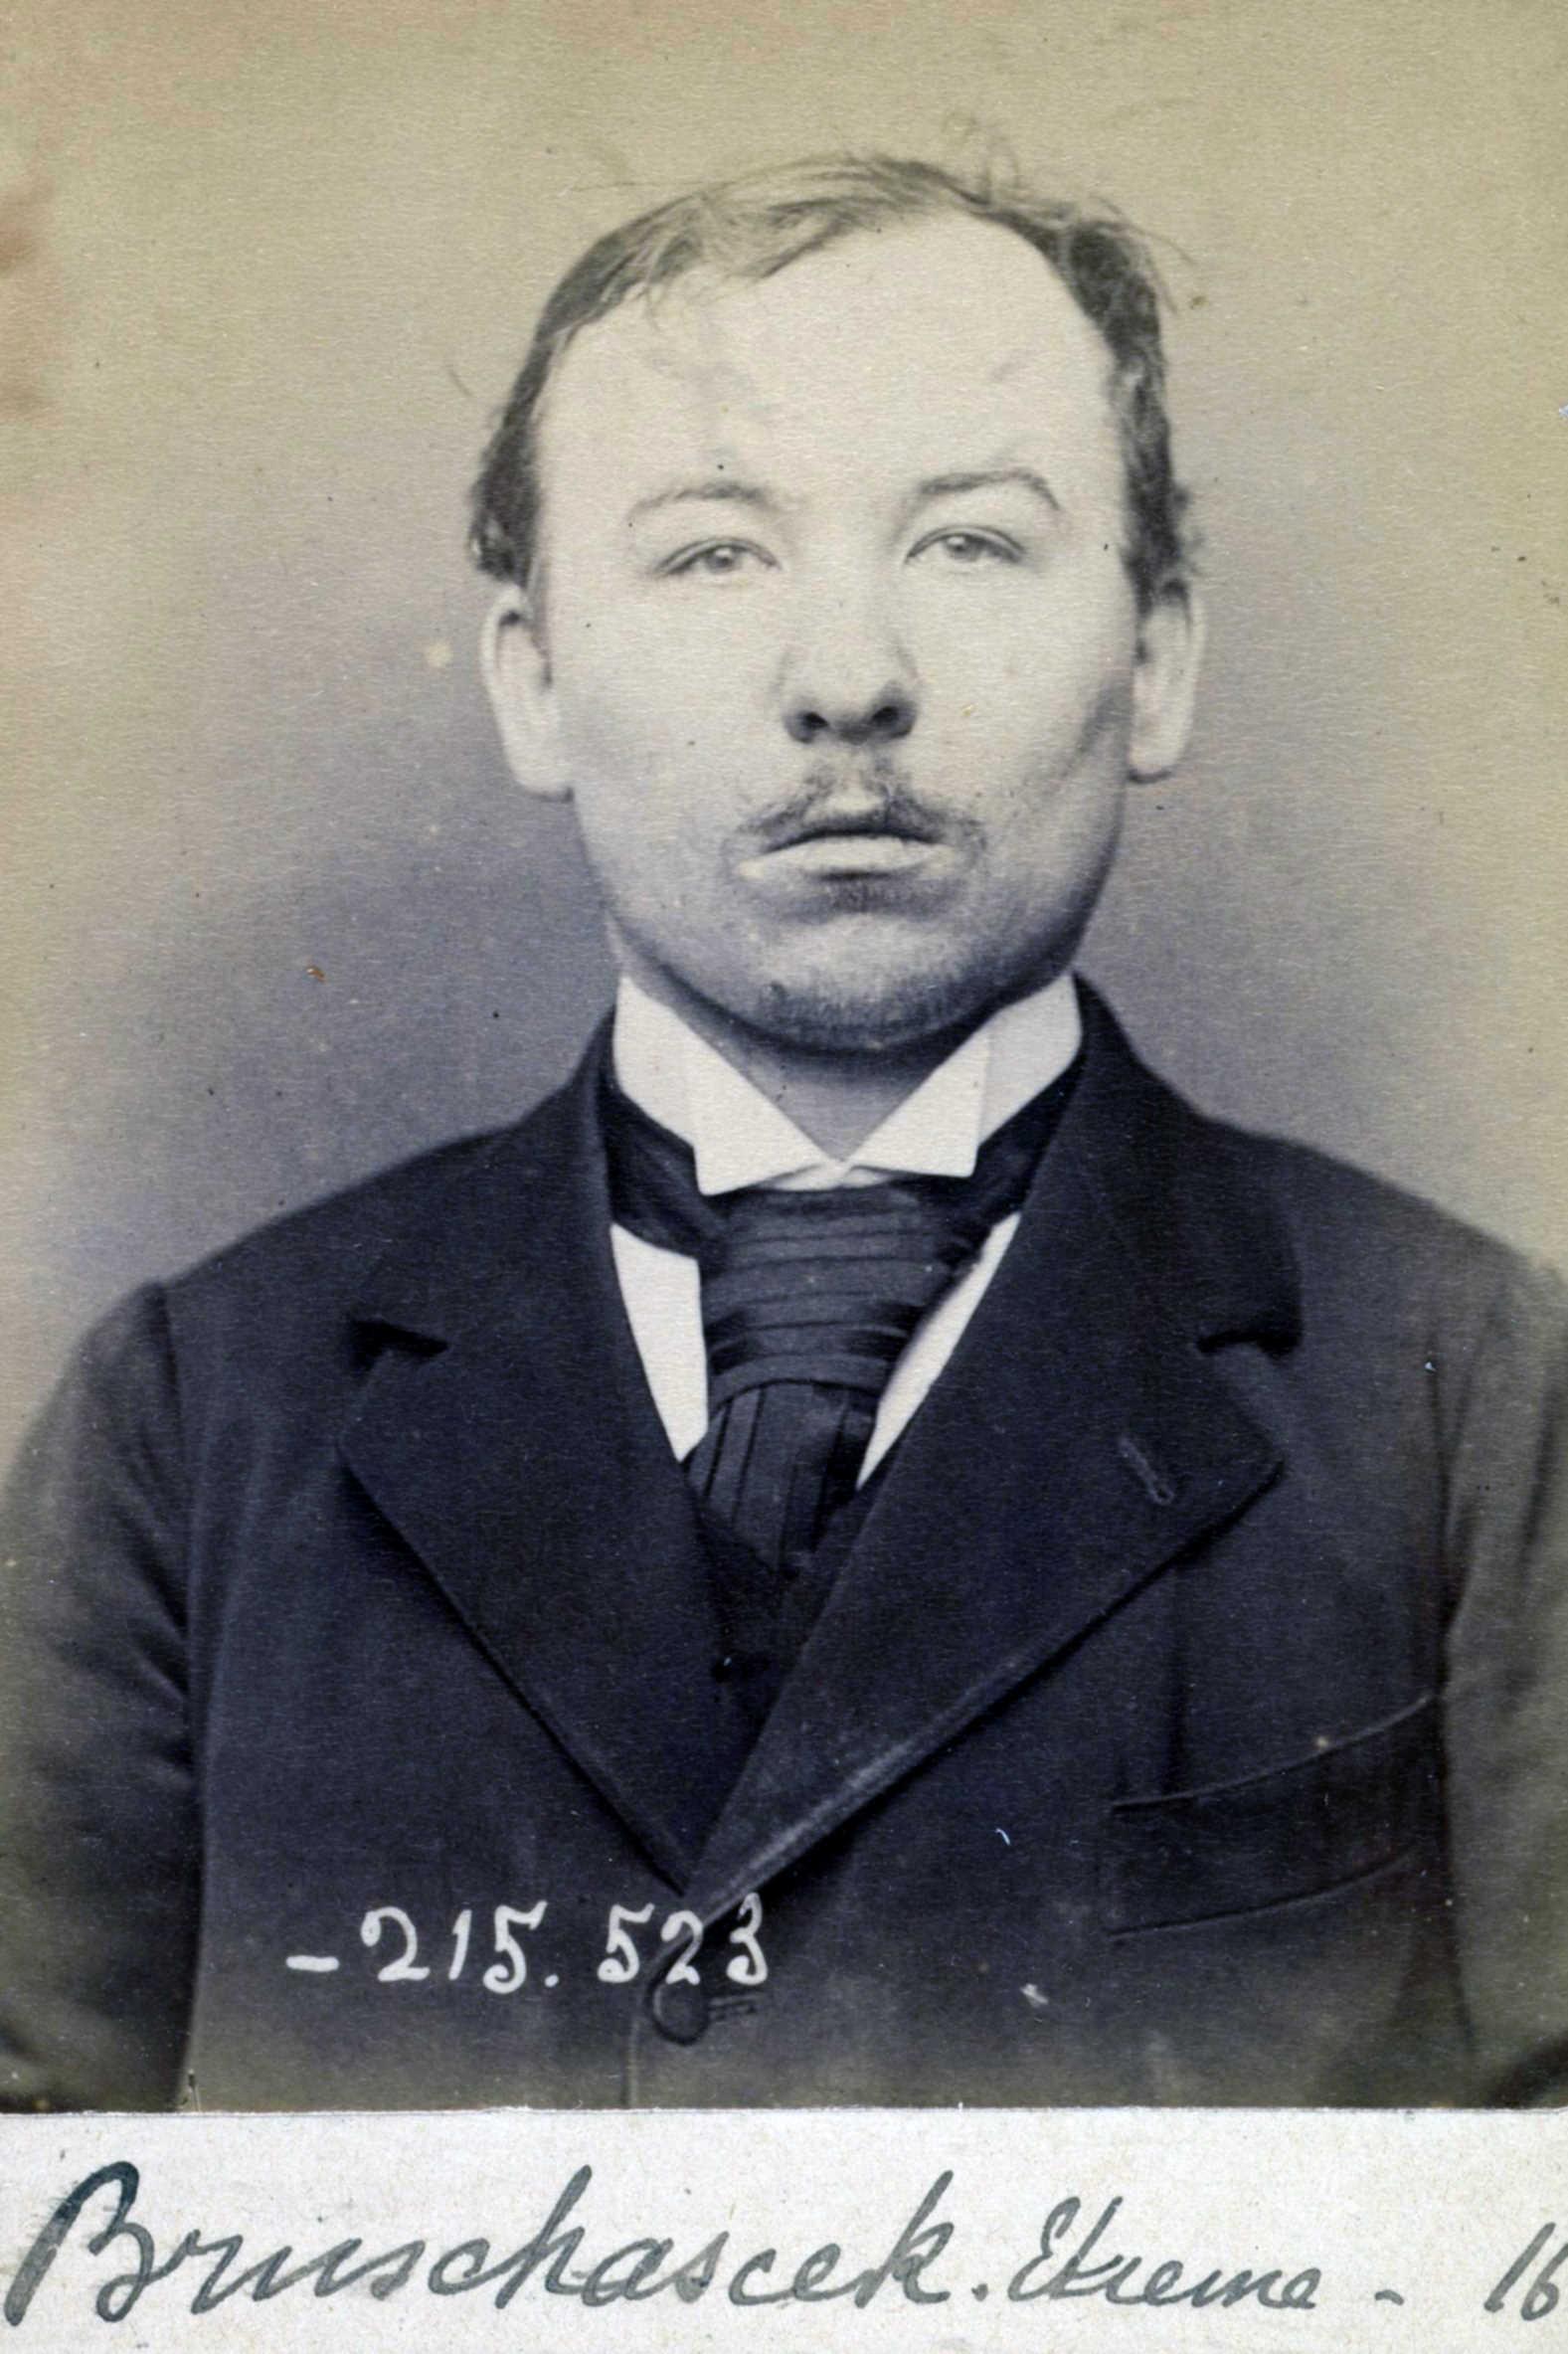 Foto policíaca d'Étienne Bruchacsek (11 de març de 1894)